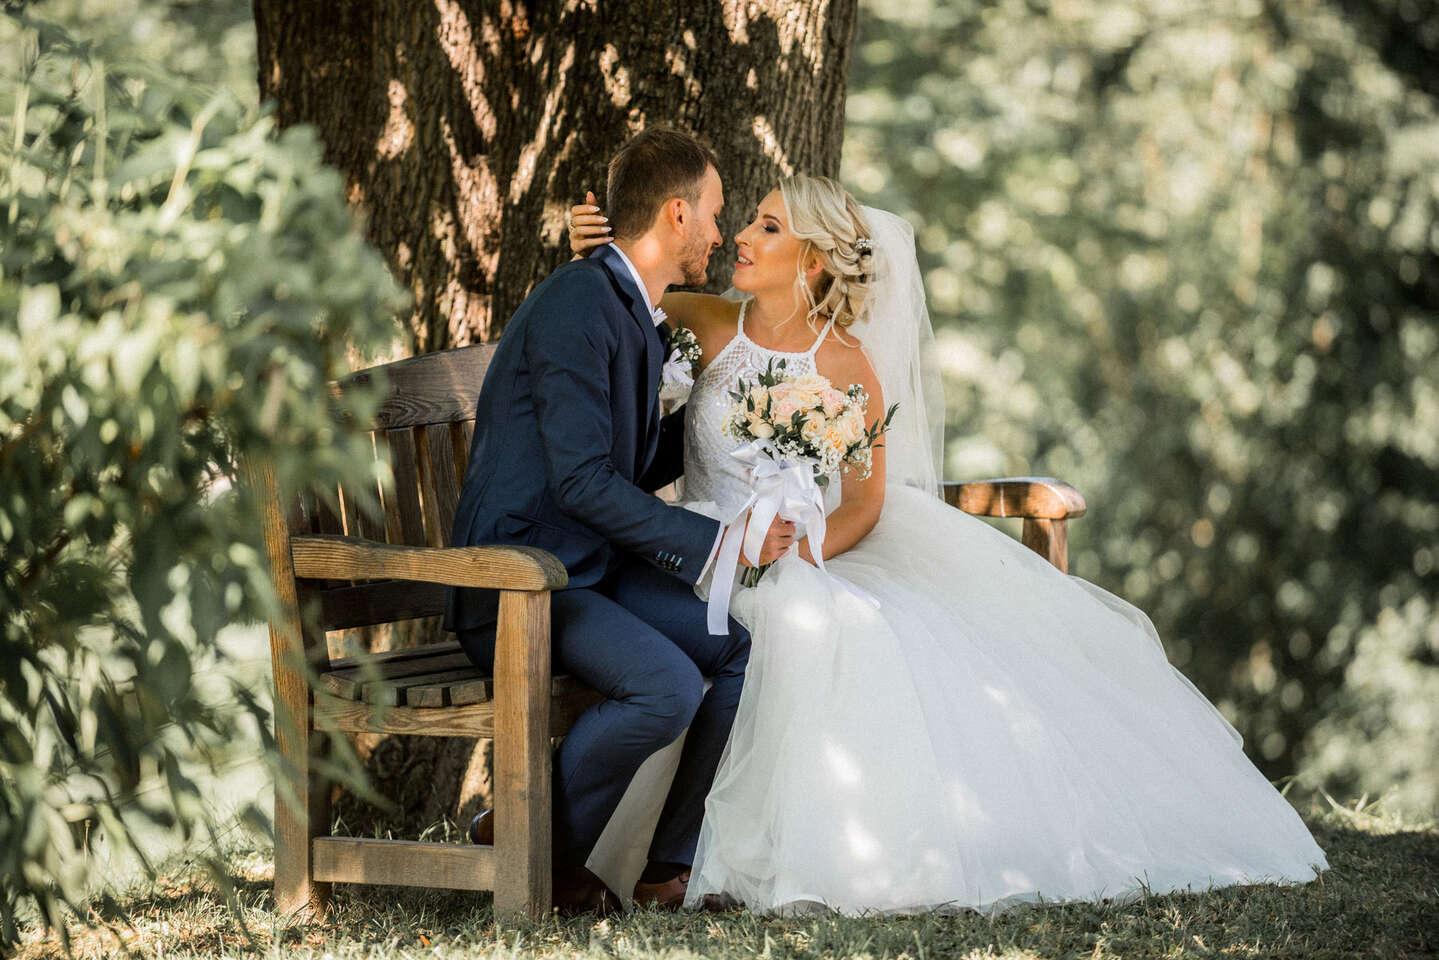 Fotografovanie svadobného dňa aj portrétne fotografie mladomanžel...